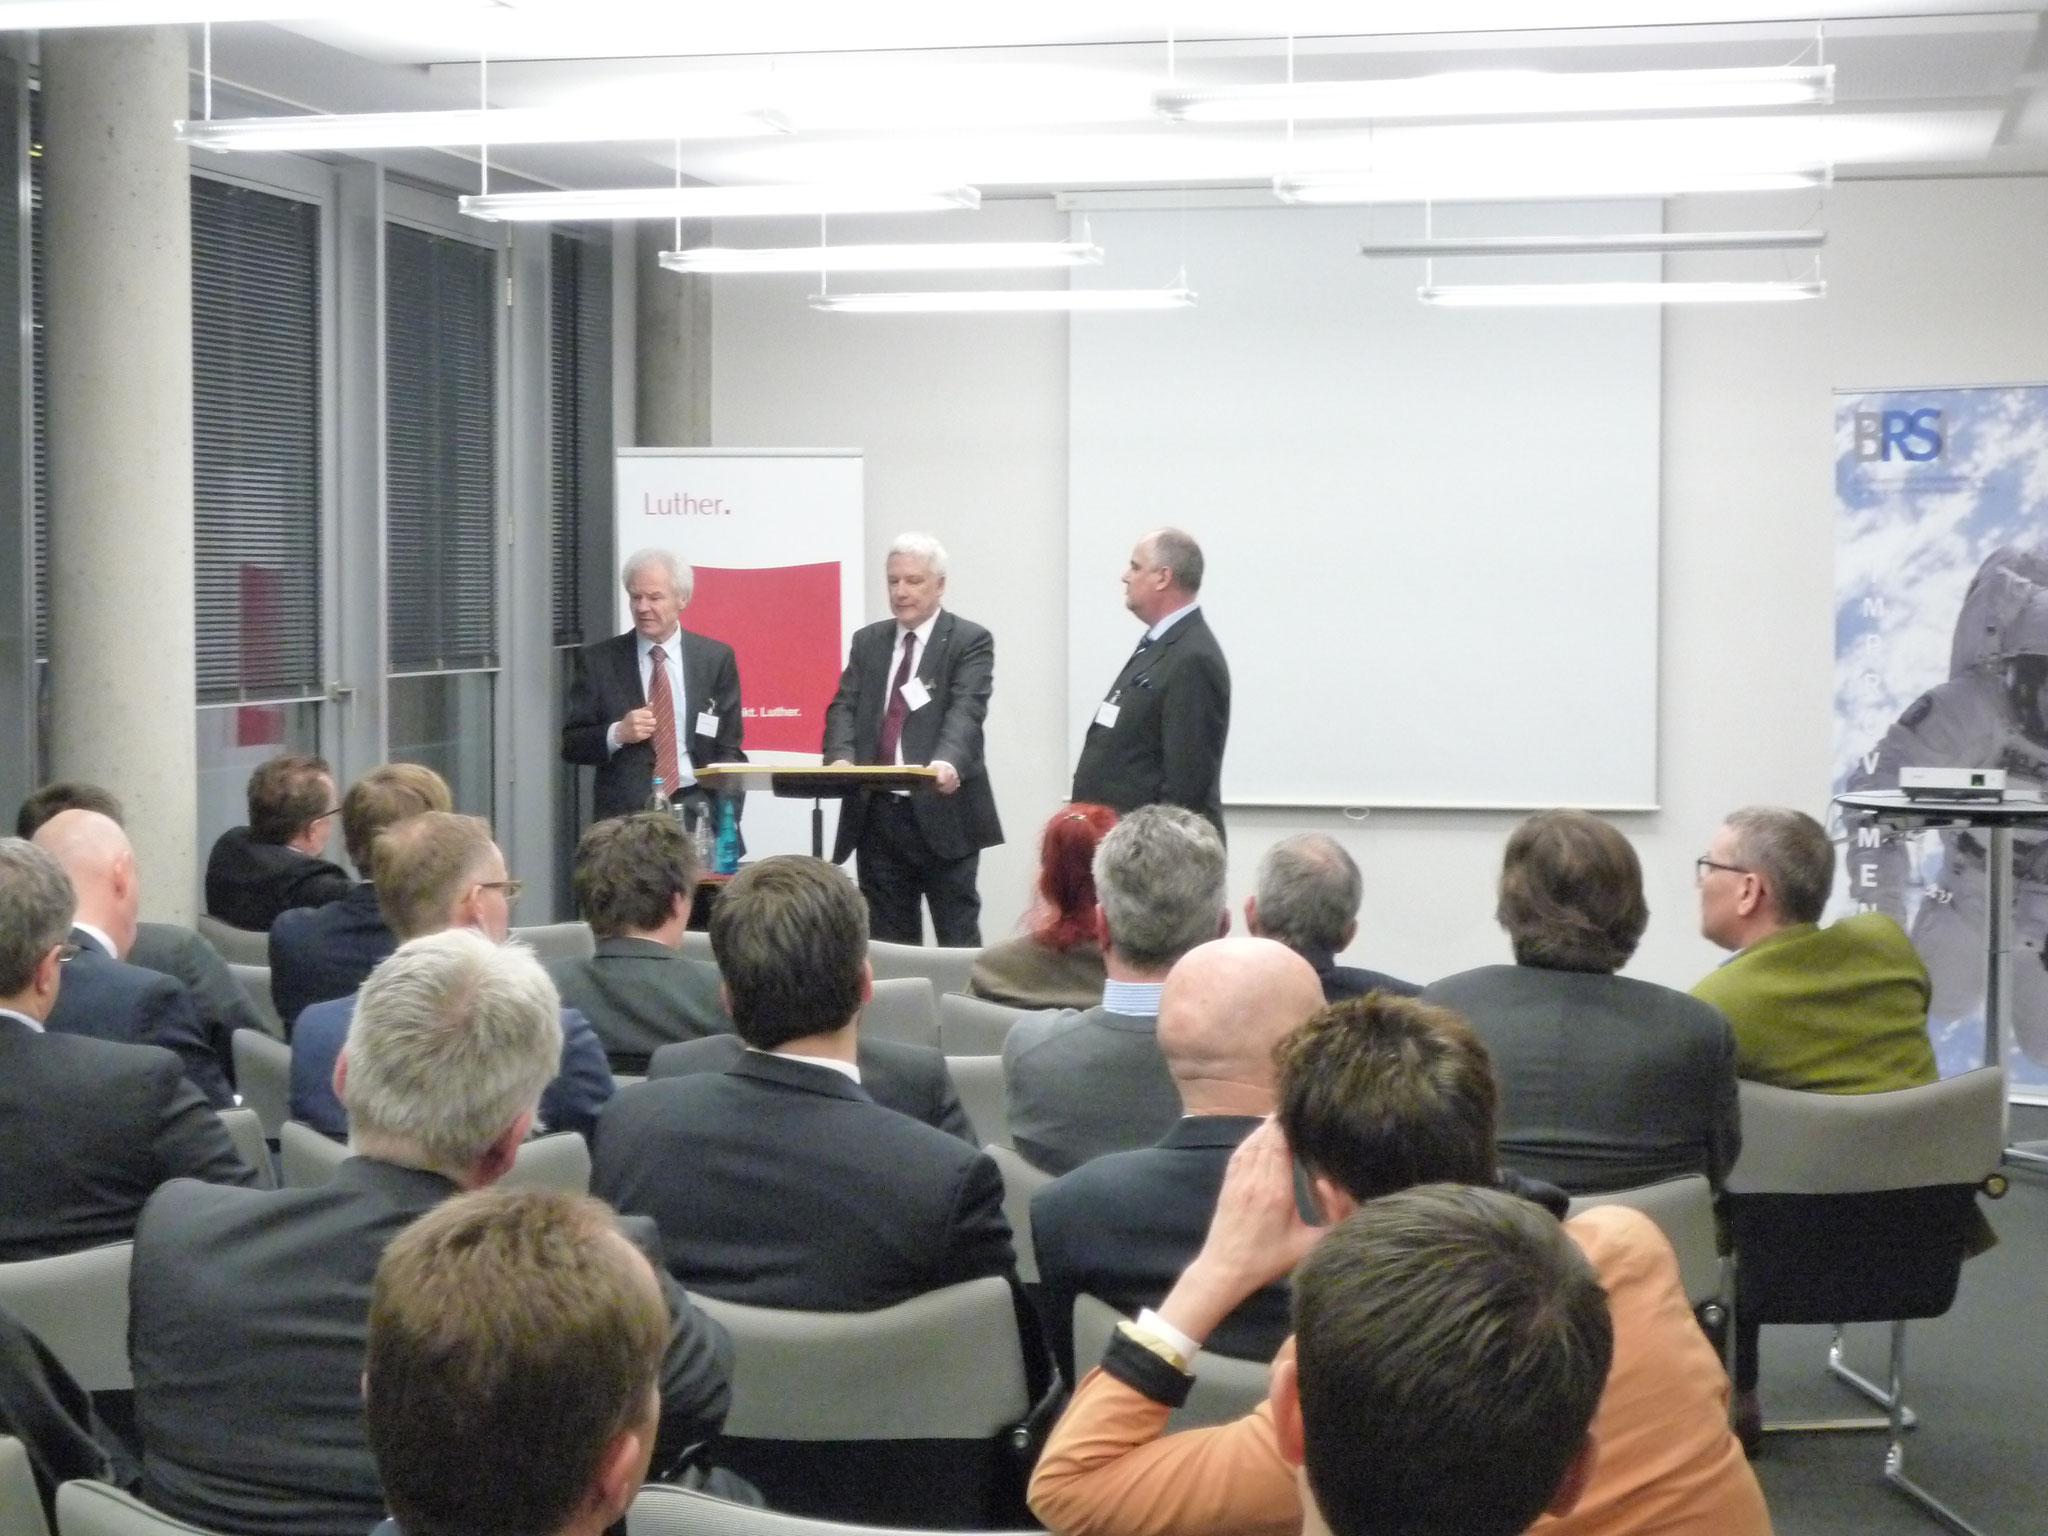 Podiumsdiskussion mit Dr. Hans Gerhard Ganter, Vorsitzender Richter am BGH a. D. (links) und den Teilnehmern.